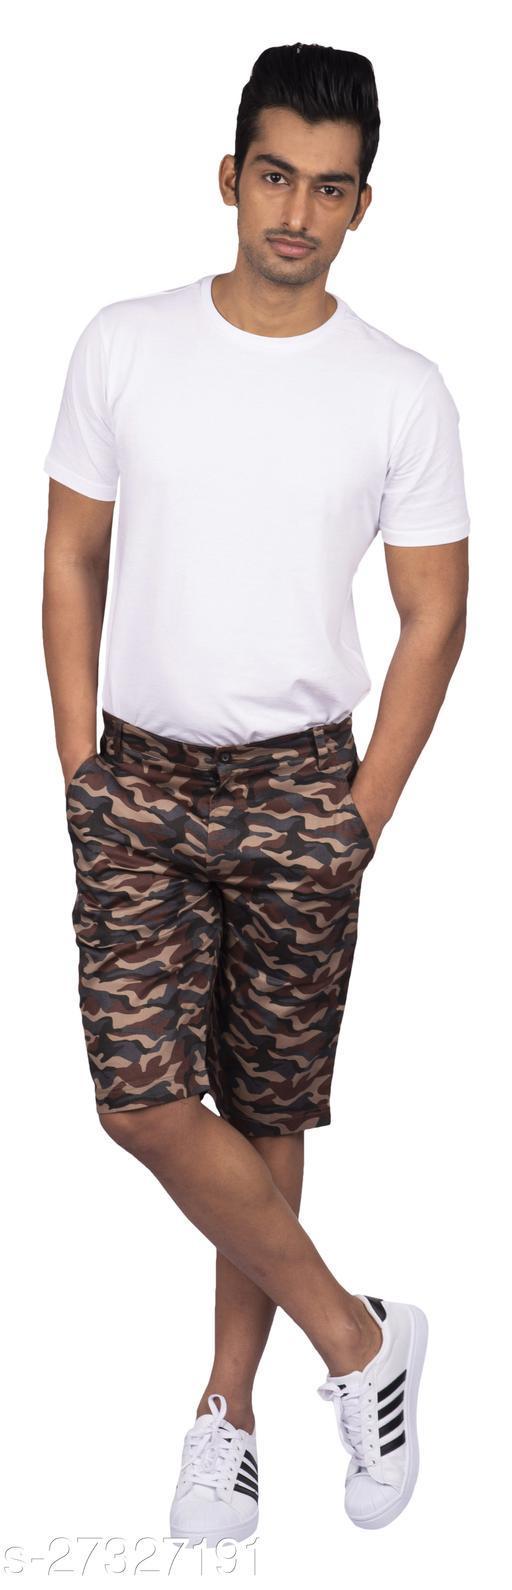 Elegant Trendy Men Shorts